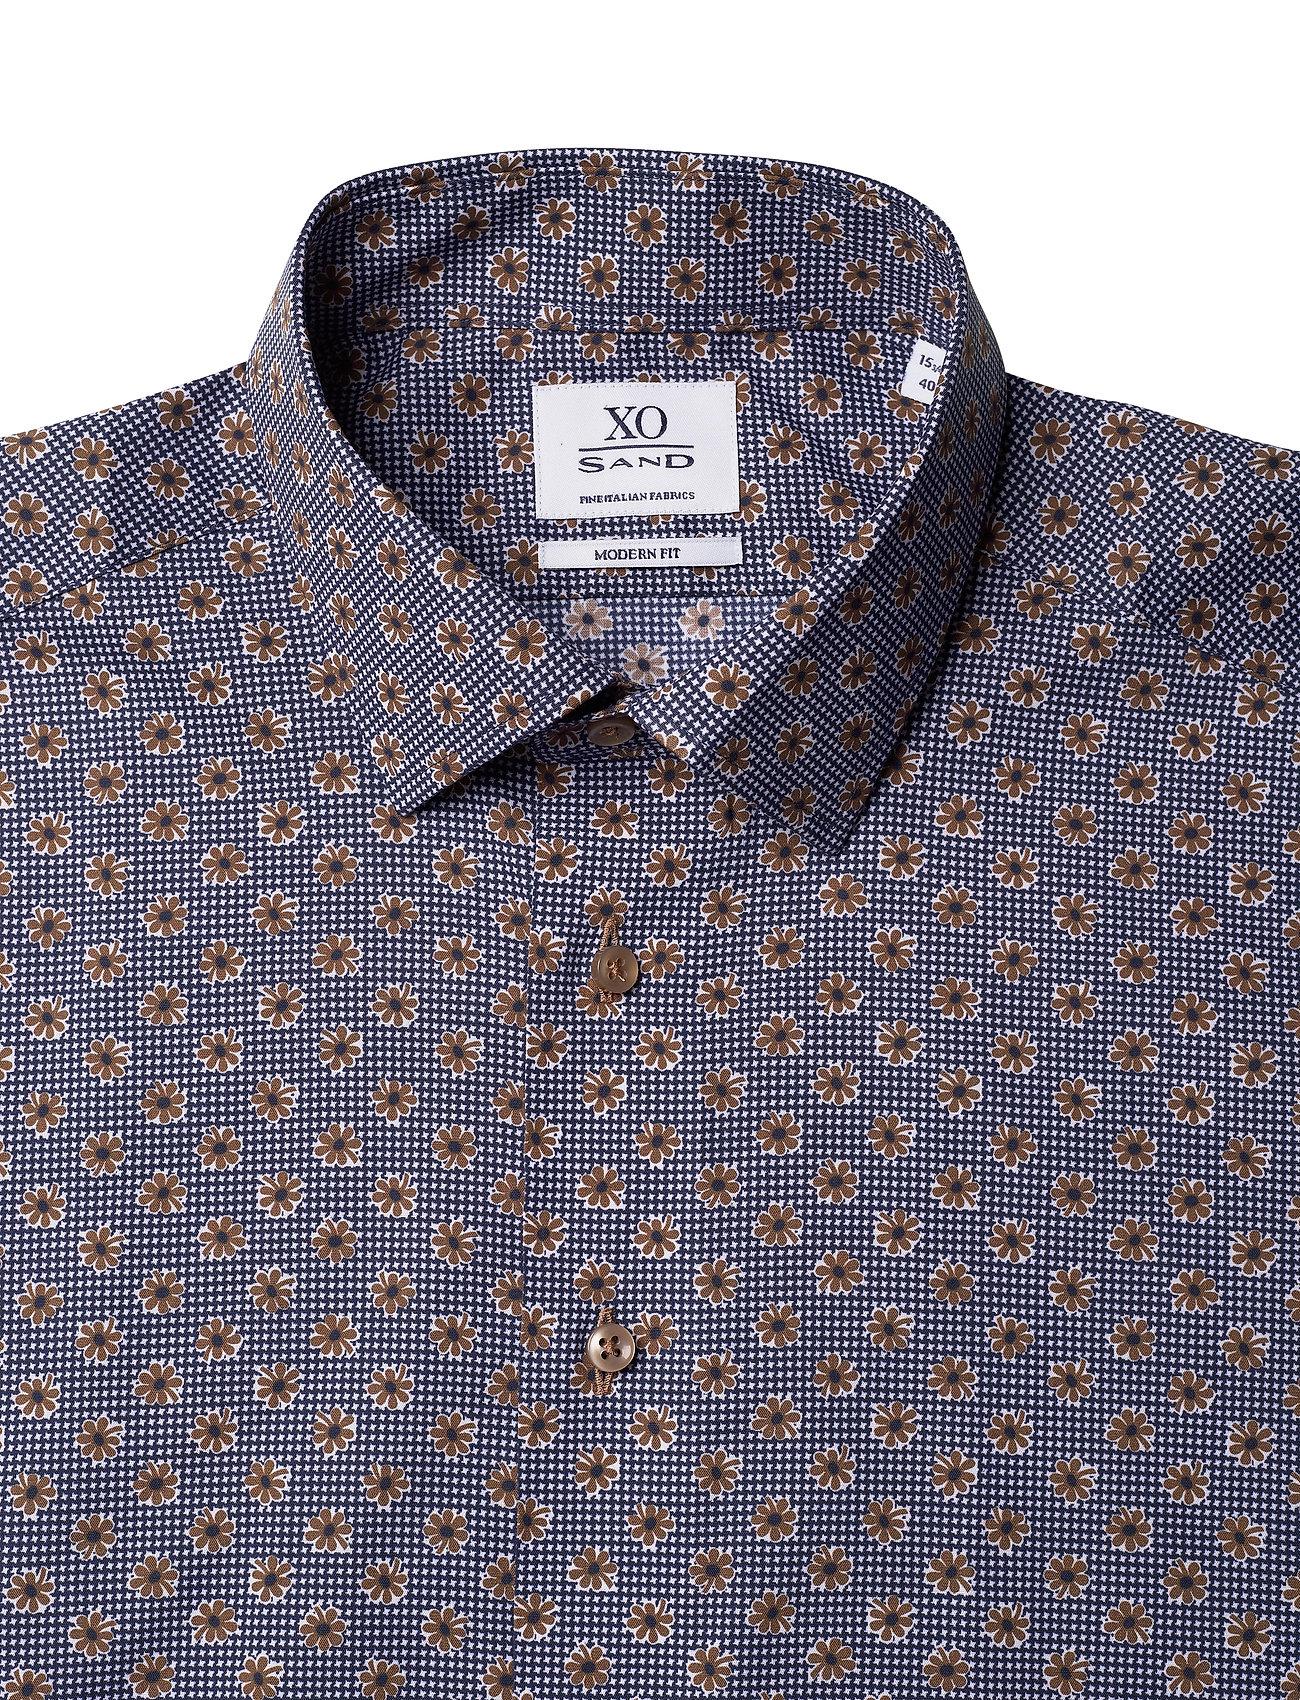 XO Shirtmaker by Sand Copenhagen 8667 - Gordon SC - Skjorter DARK CAMEL - Menn Klær